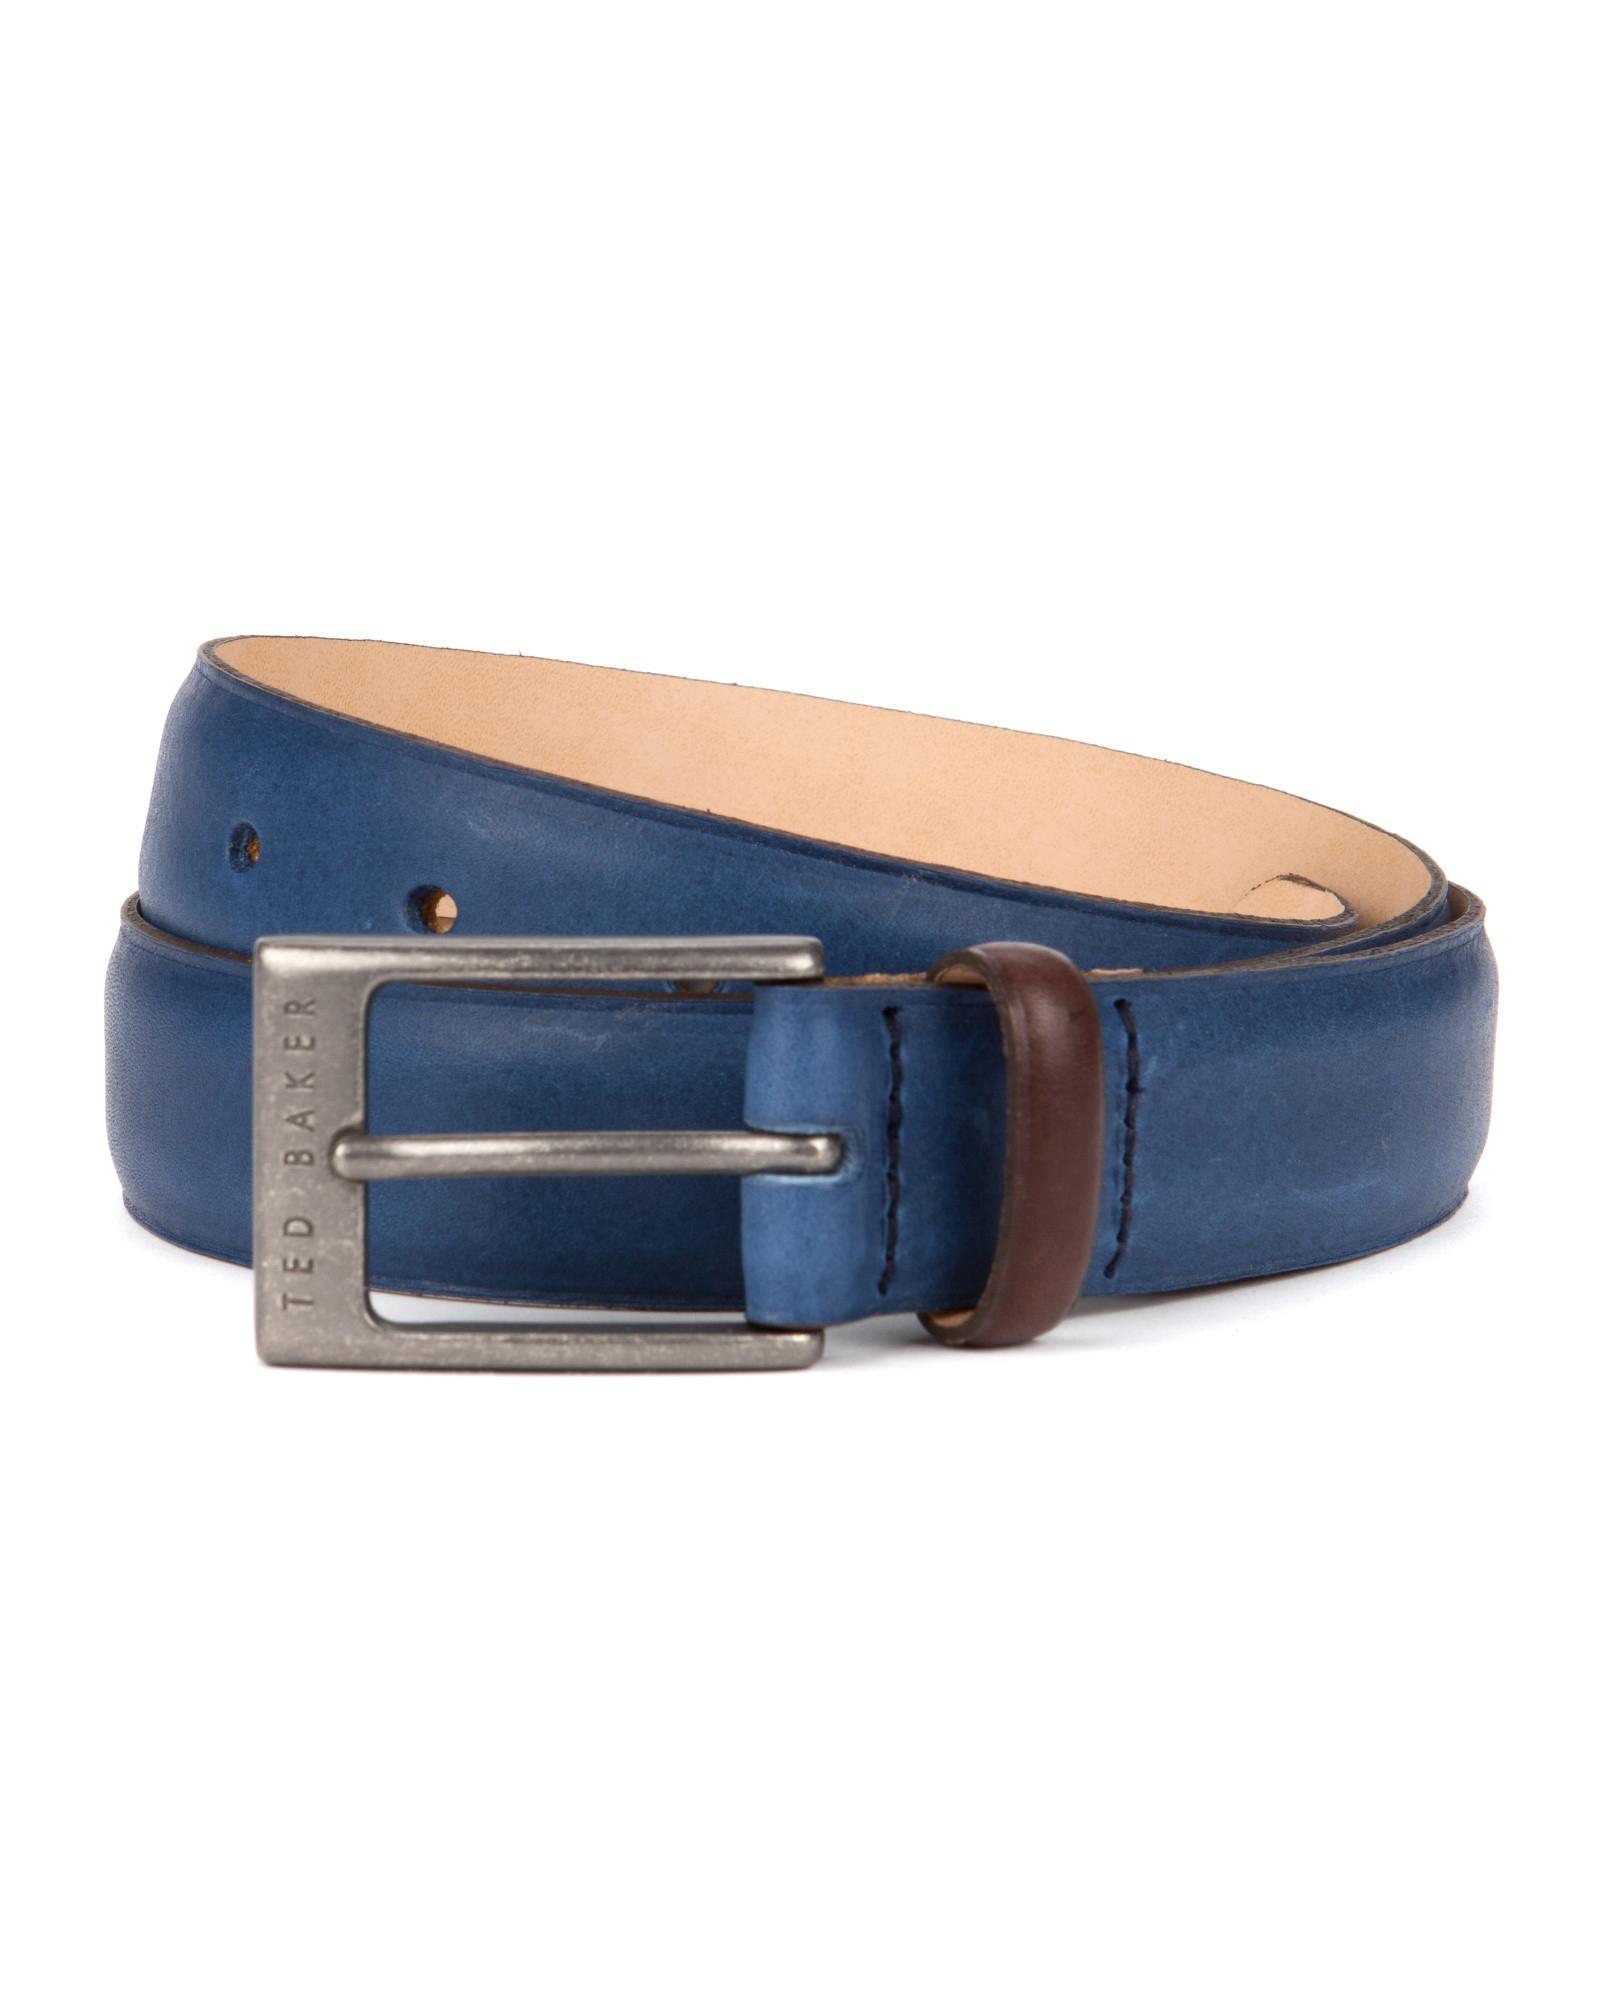 5bfc4e2b1faf Ted Baker Color Block Leather Belt in Blue for Men - Lyst